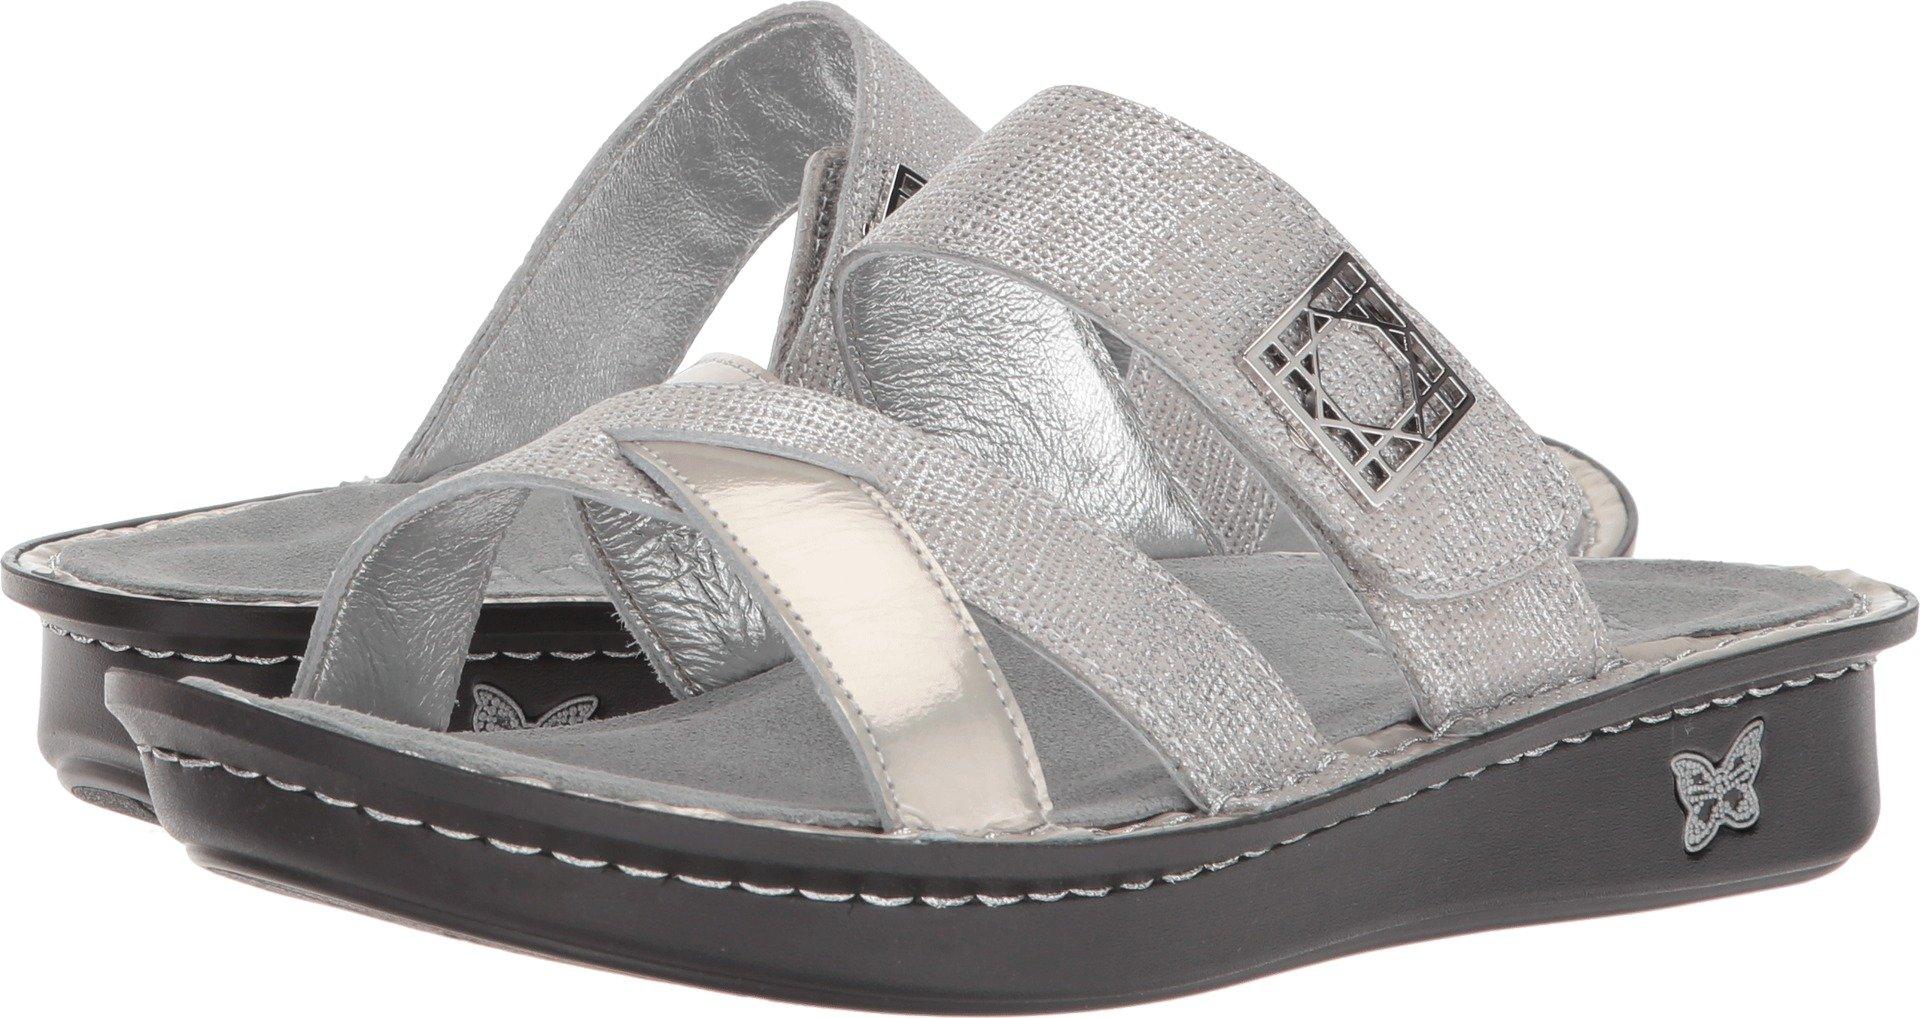 Alegria Women's, Victoriah Slide Sandals Ivory 4 M